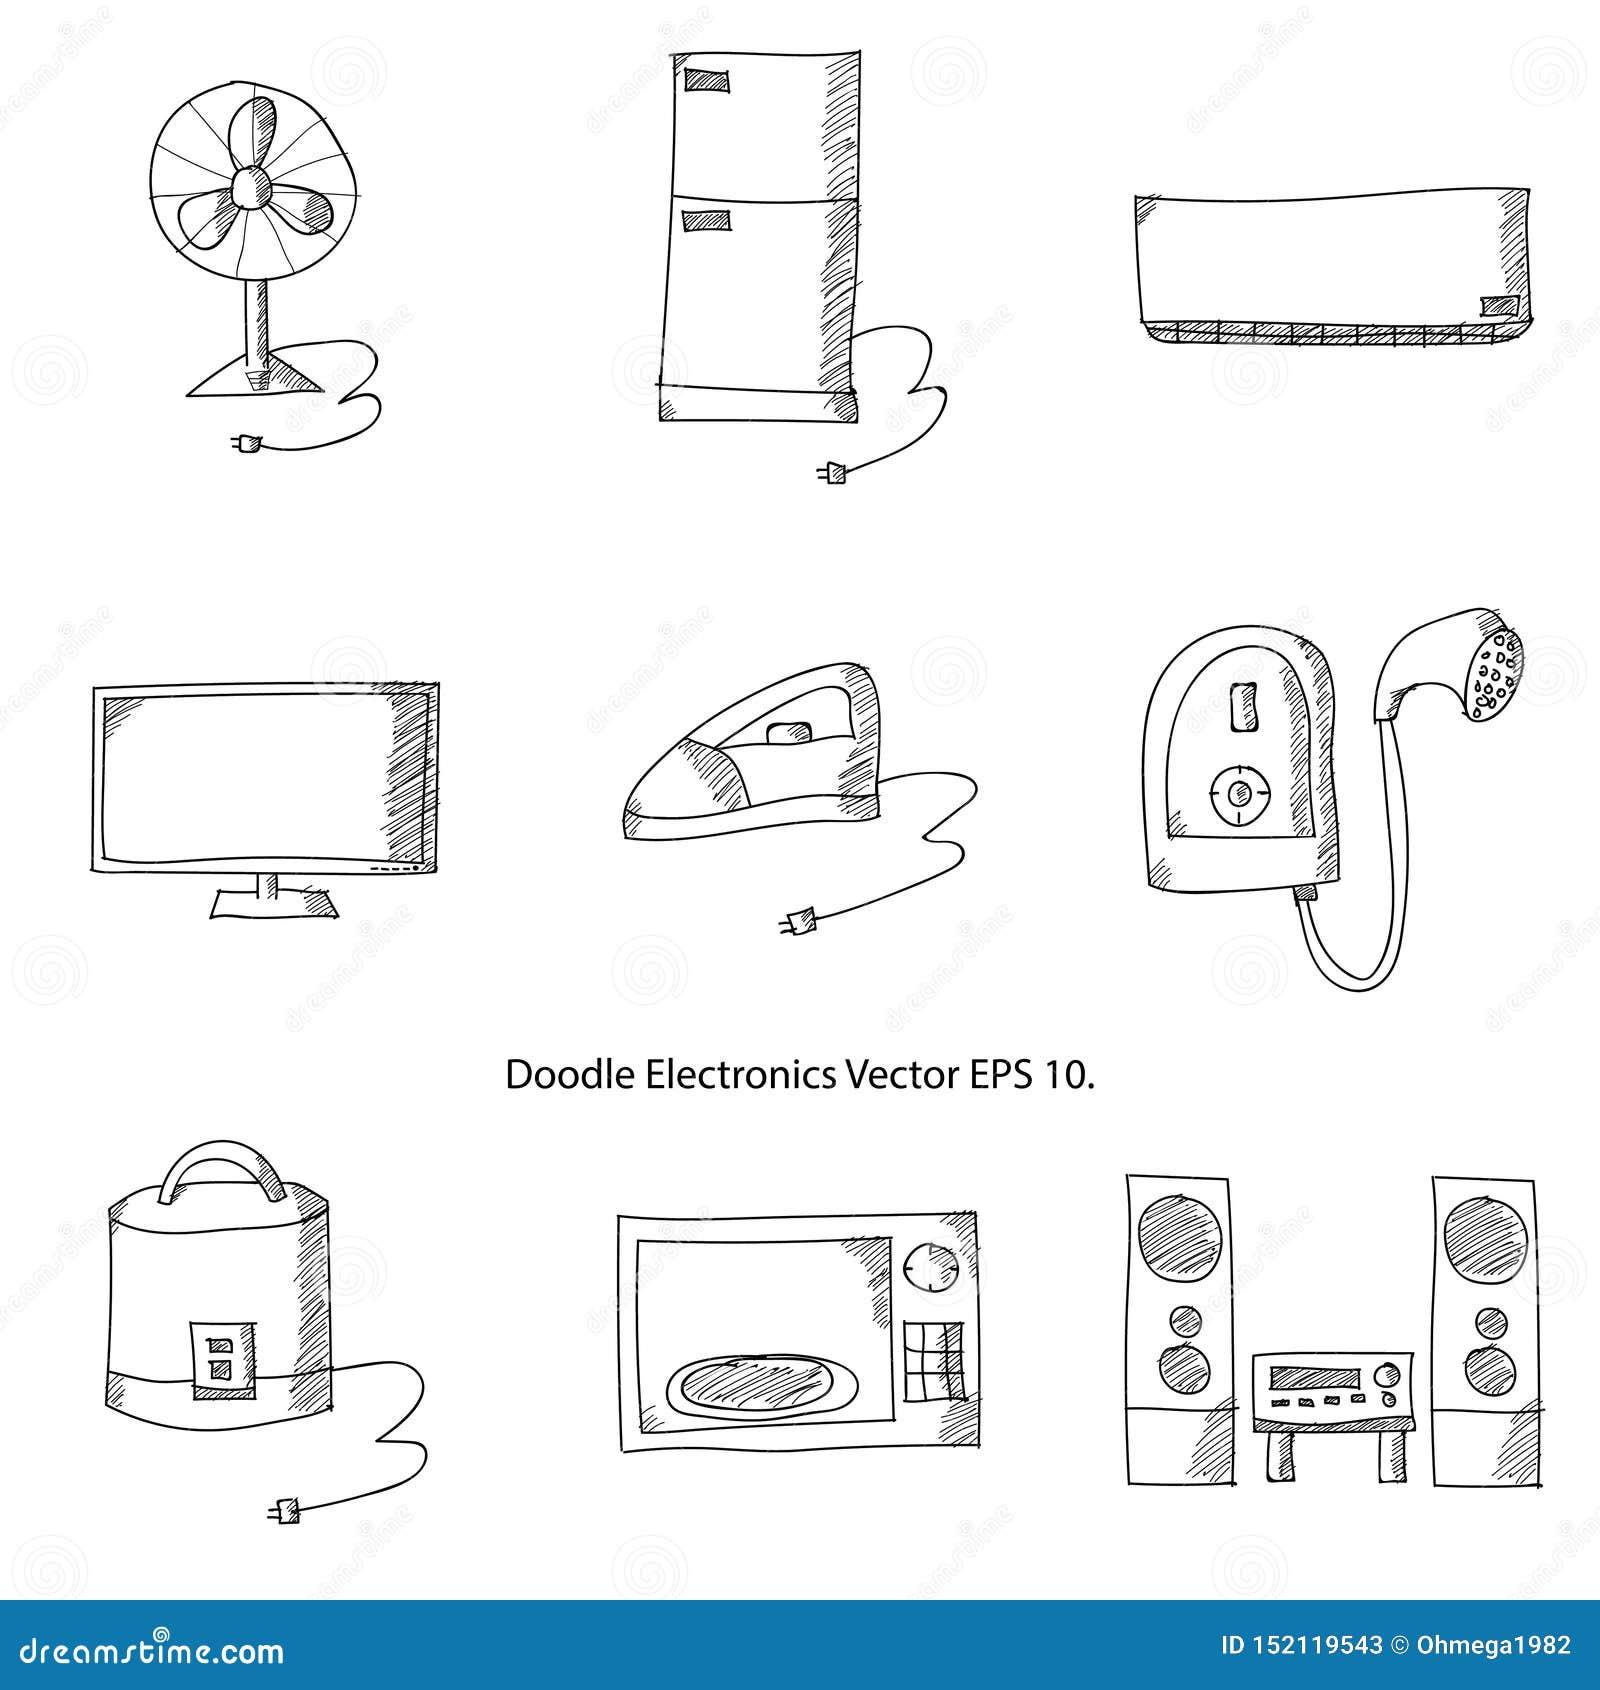 Διανυσματικός εικονογράφος EPS 10 εικονιδίων ηλεκτρονικής Doodle